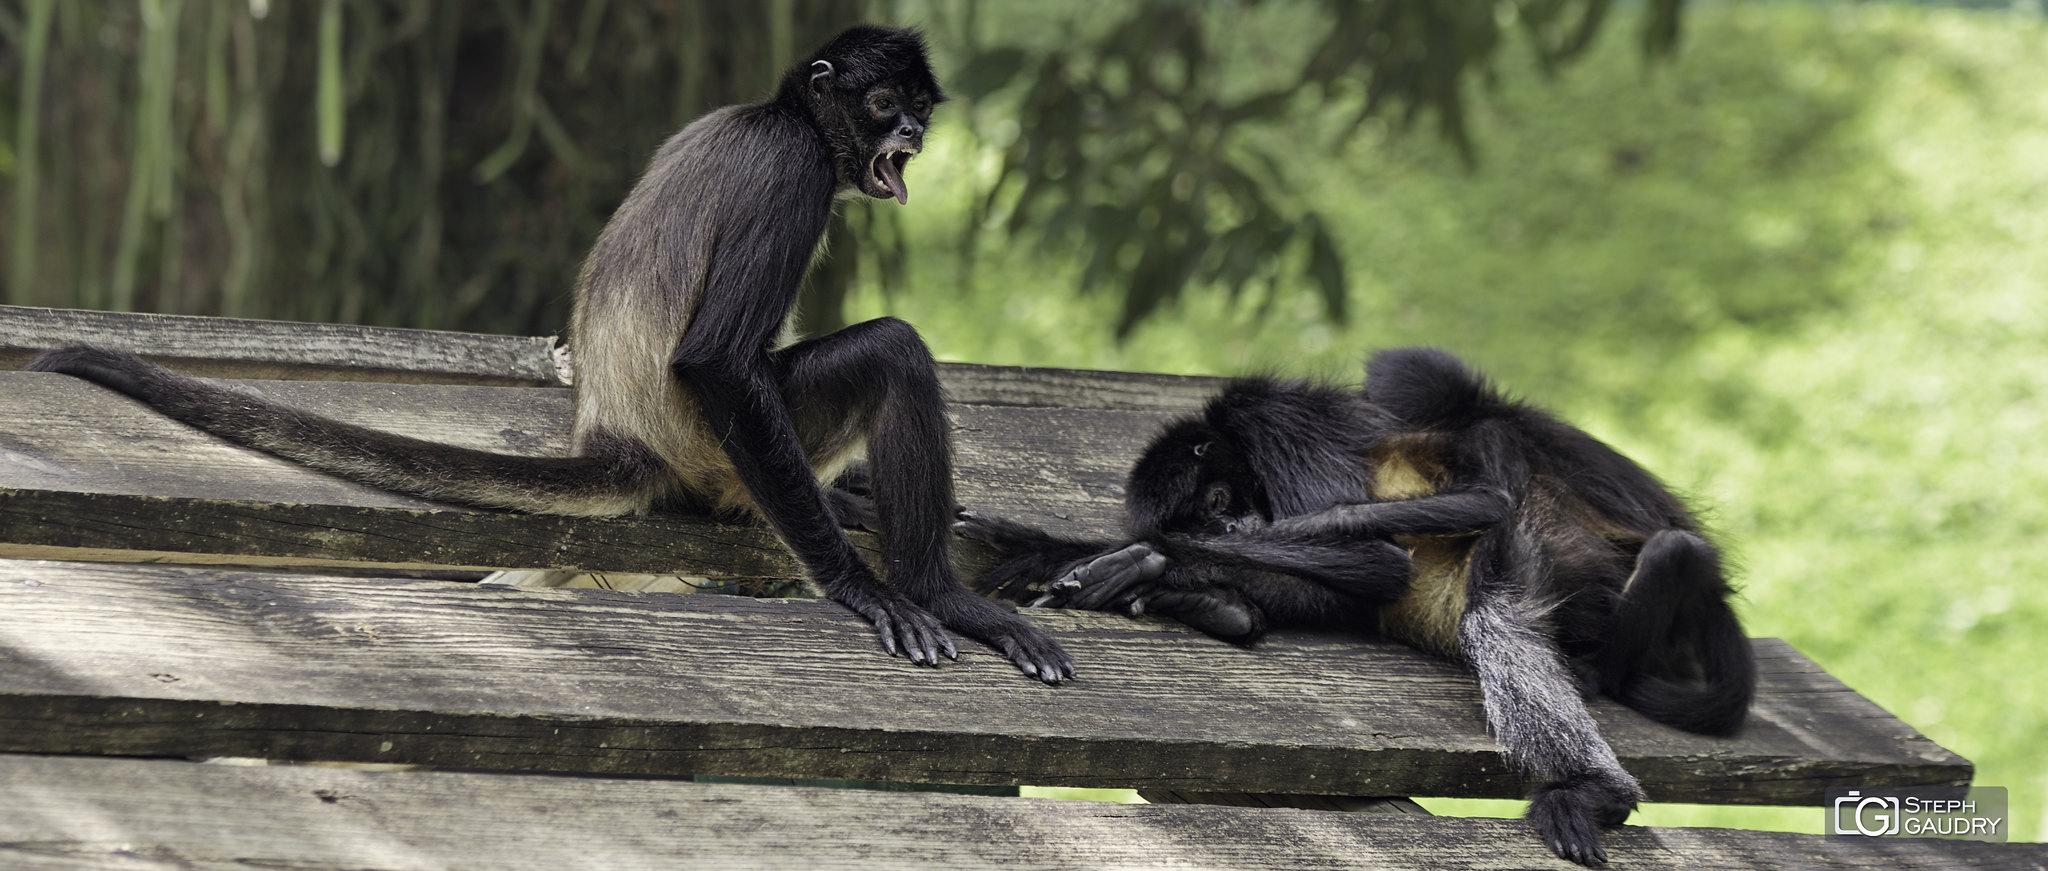 Le singe et le travail [Cliquez pour lancer le diaporama]